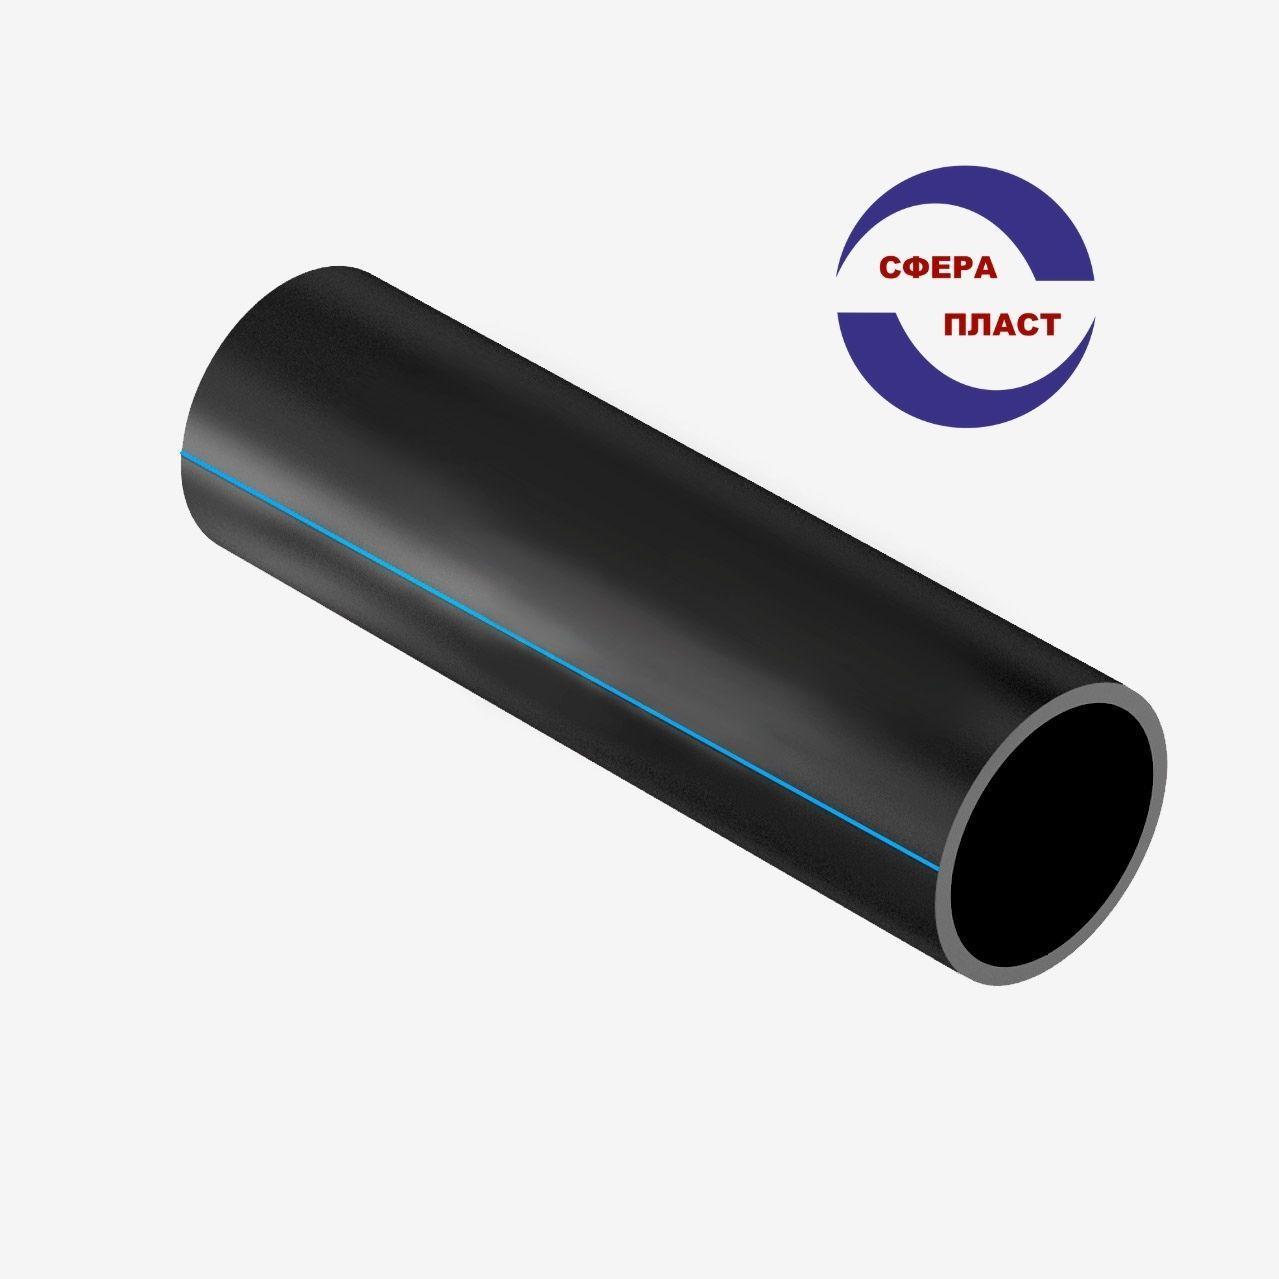 Труба Ду-180x10,7 SDR17 (10 атм) полиэтиленовая ПЭ-100